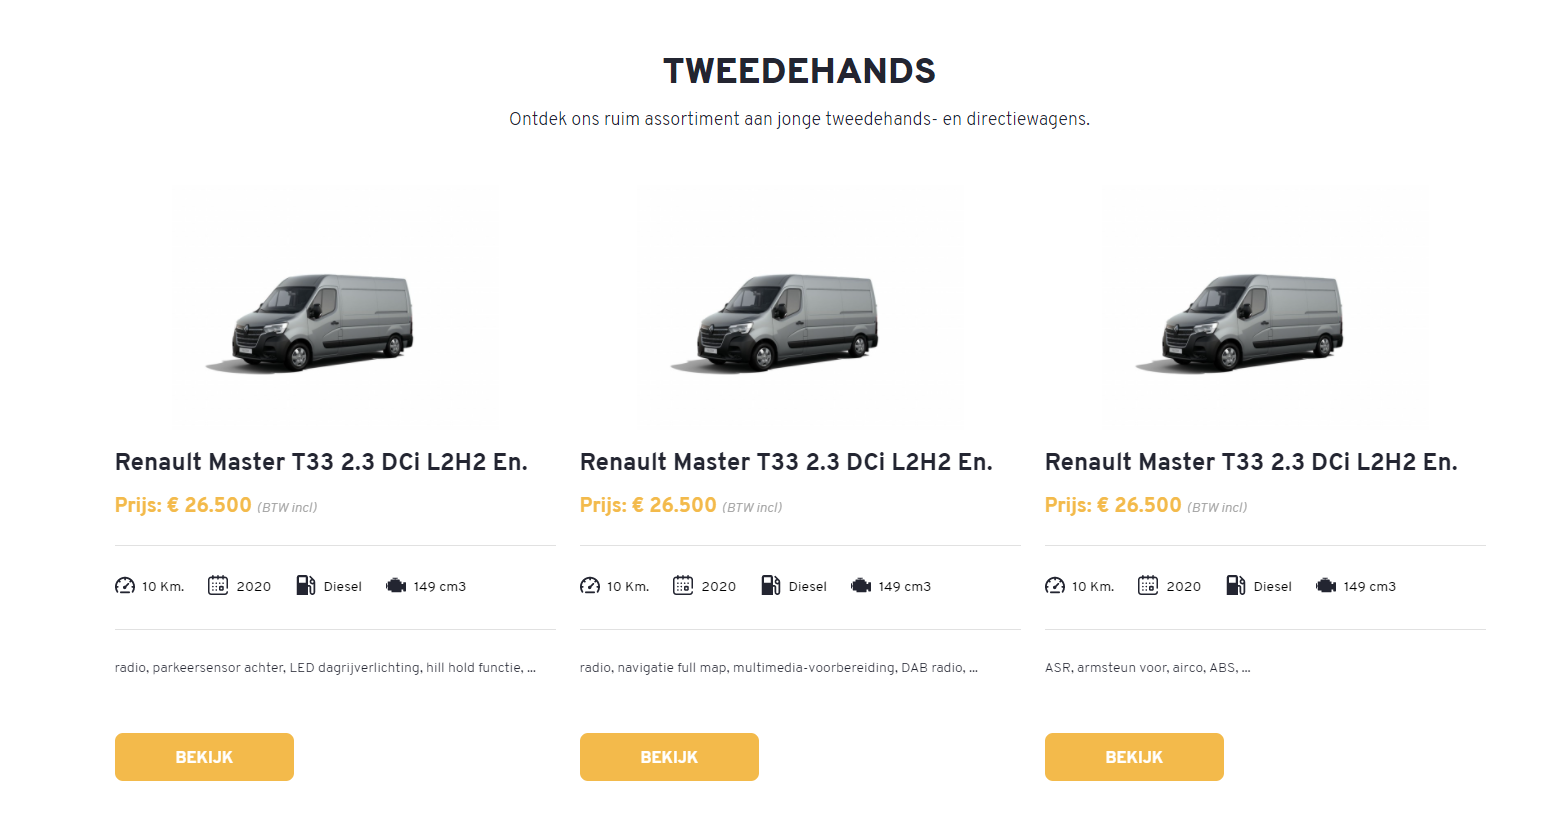 Renault Van Damme Wieze tweedehandswagens